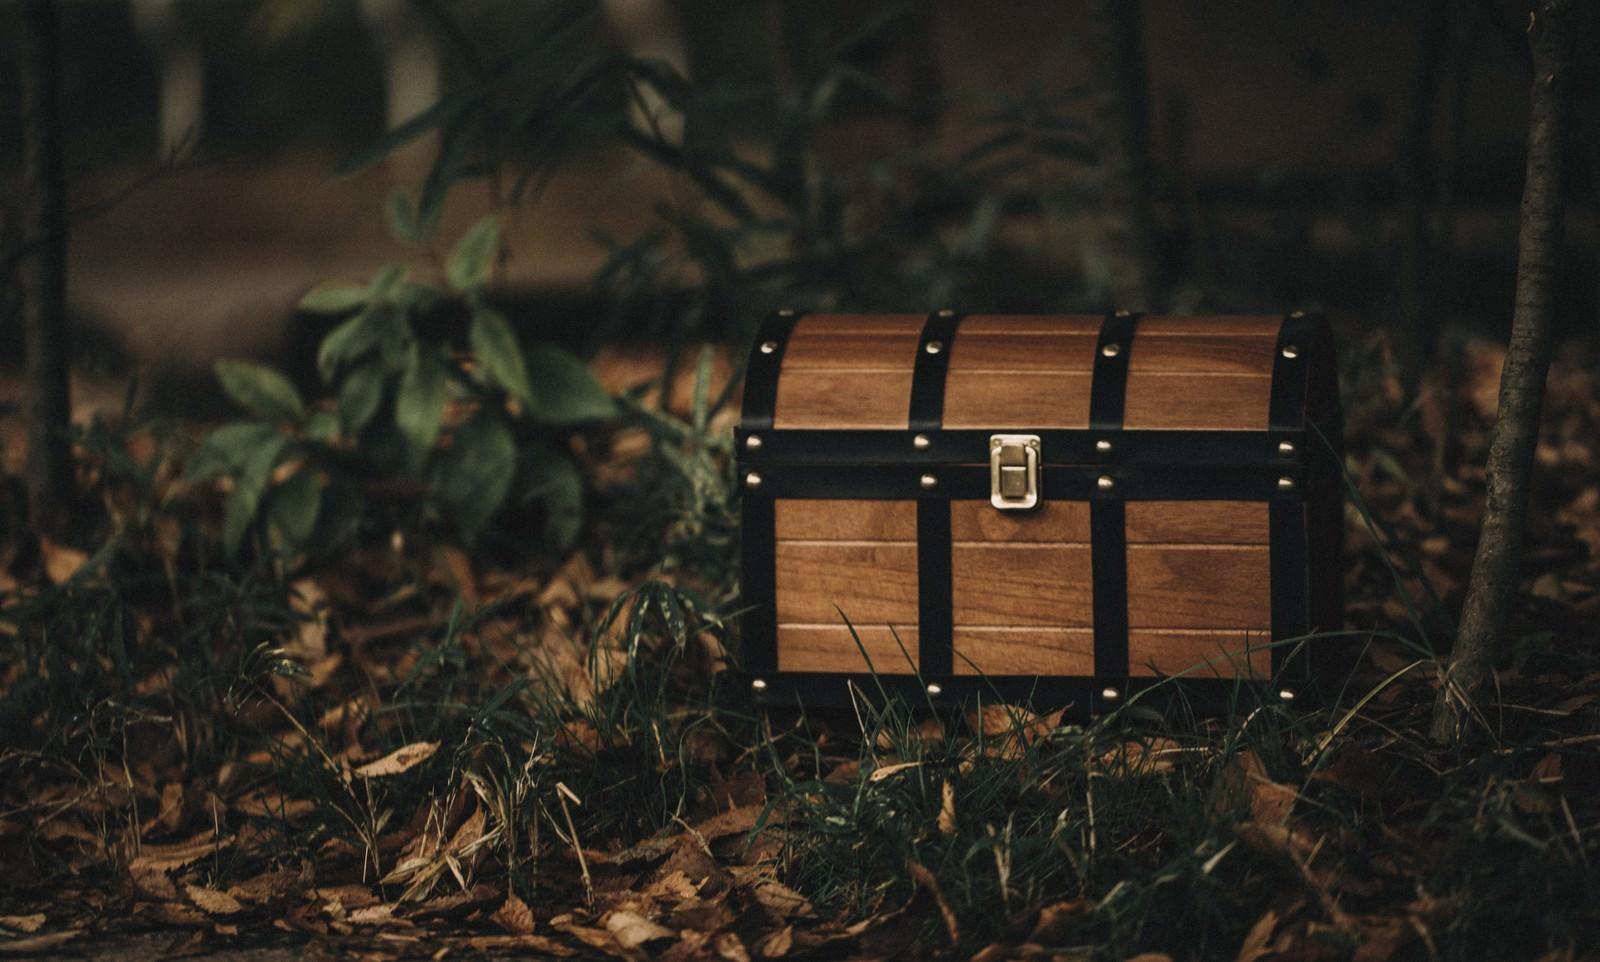 「森を探索していたら宝箱を見つけた!」の写真